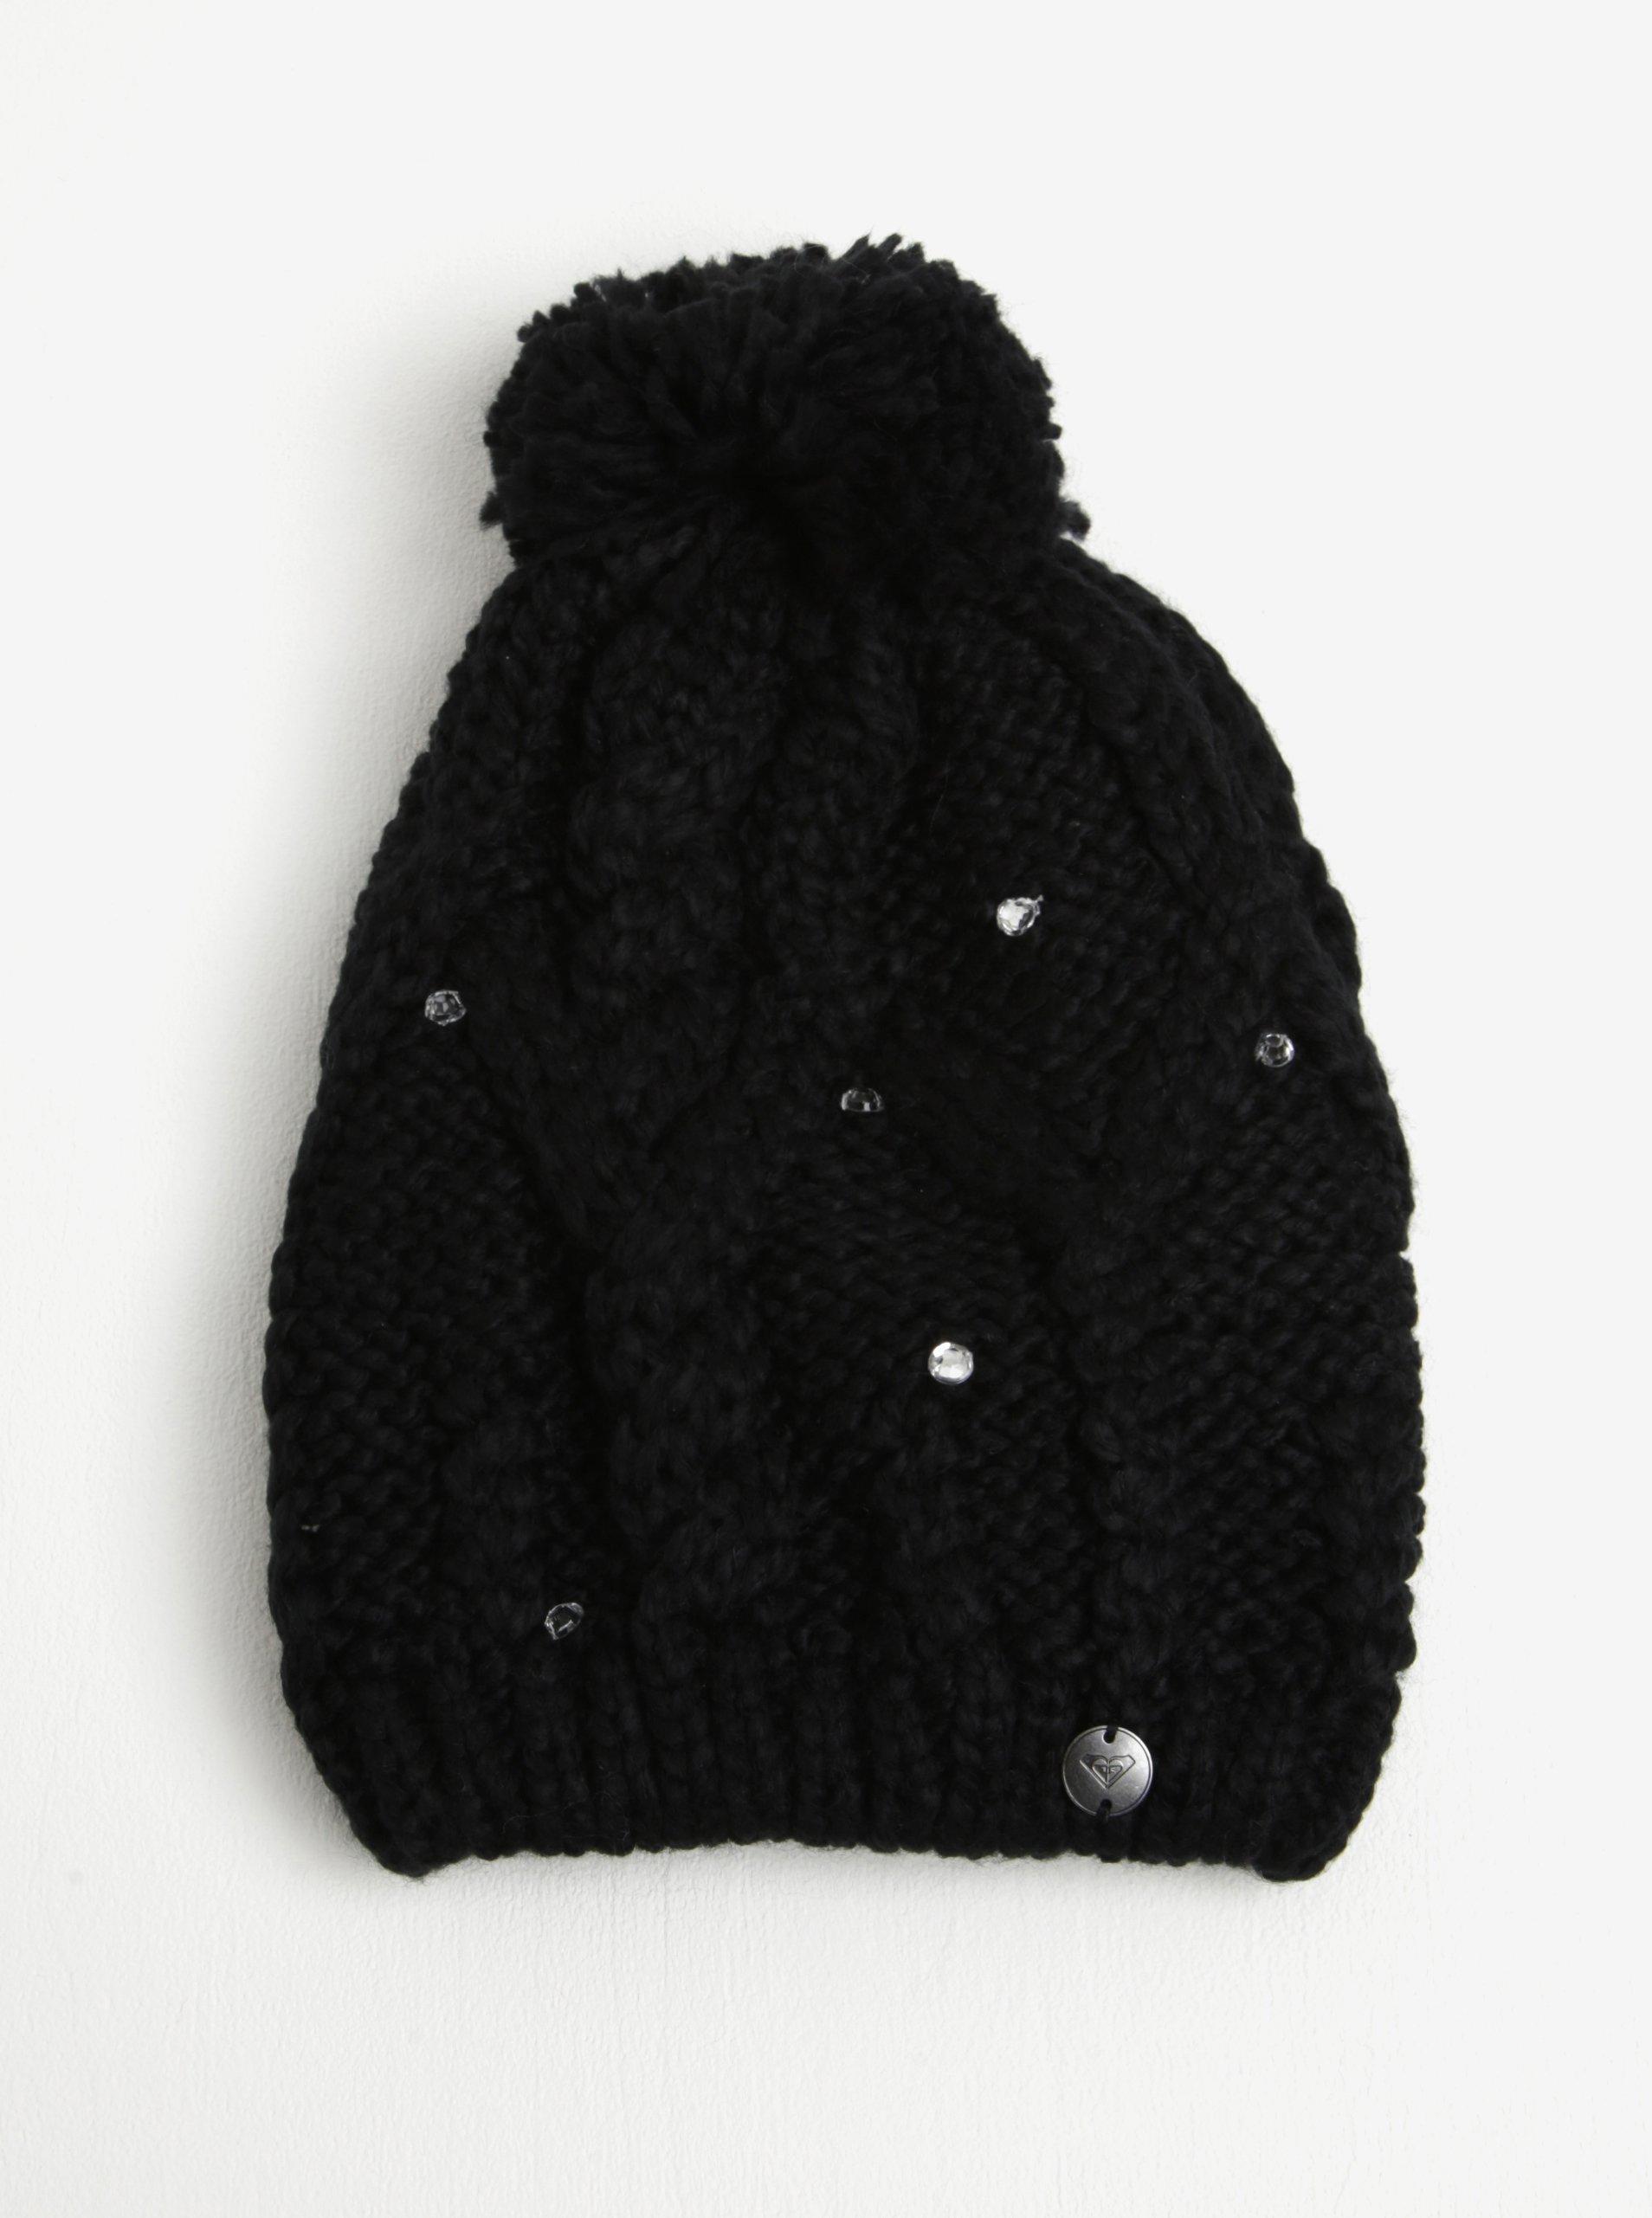 Černá dámská pletená čepice s kamínky Roxy Shoot Star